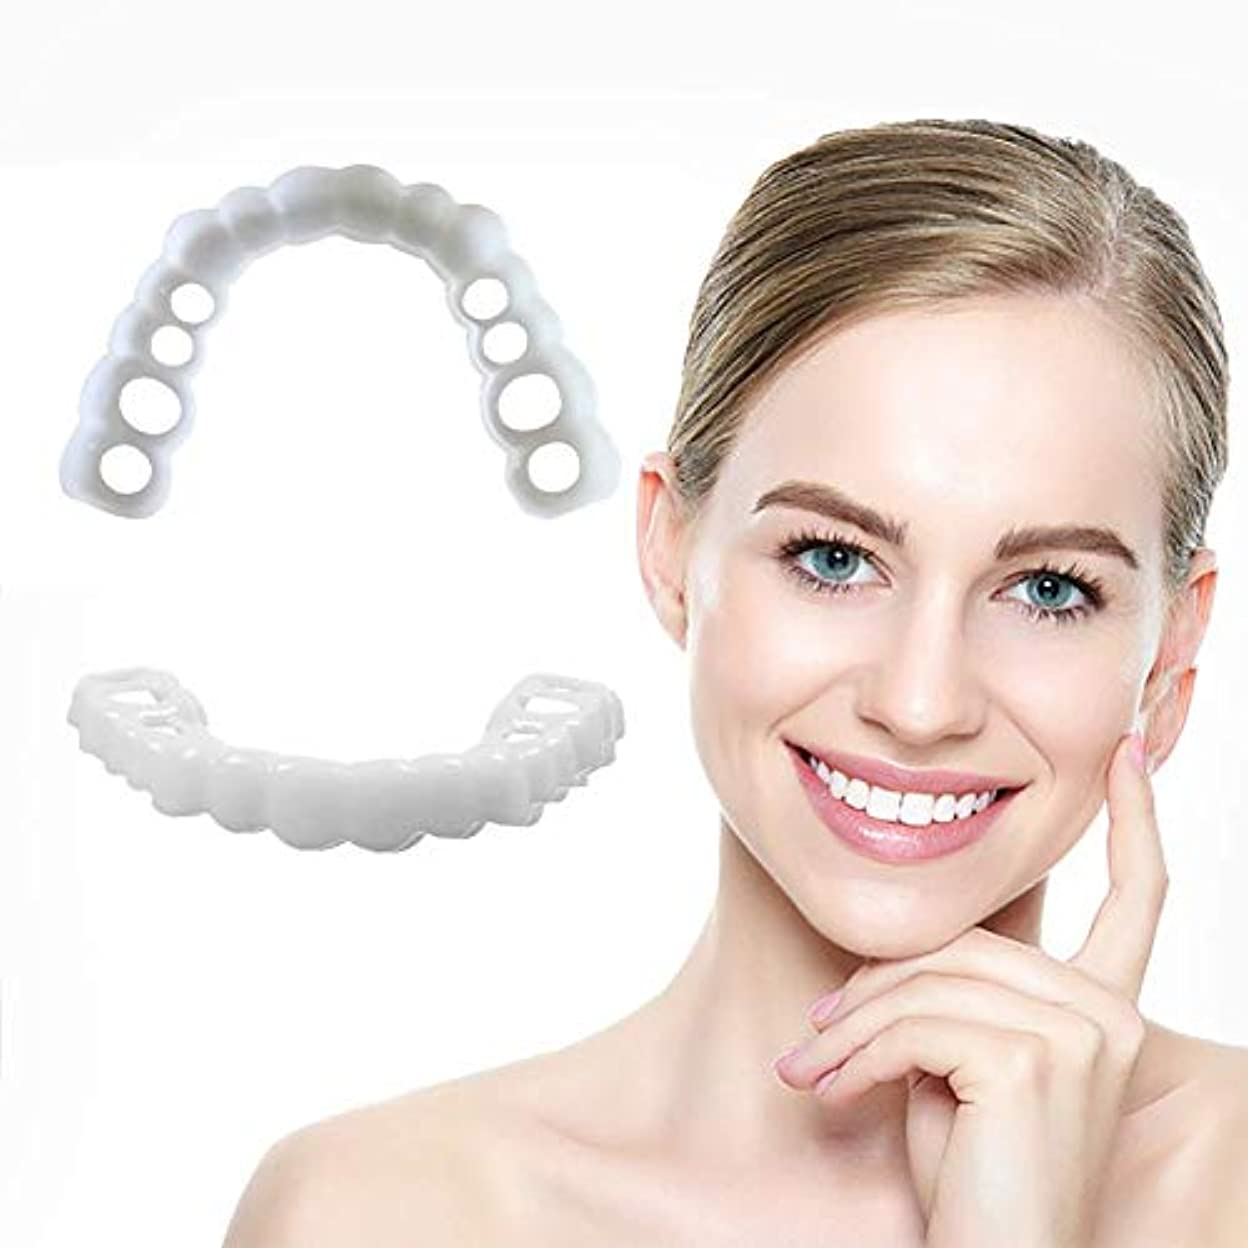 ディスカウント厚い魔術師上歯下歯シミュレーションブレースホワイトニングセット第2世代シリカゲルシミュレーション歯義歯,1Set